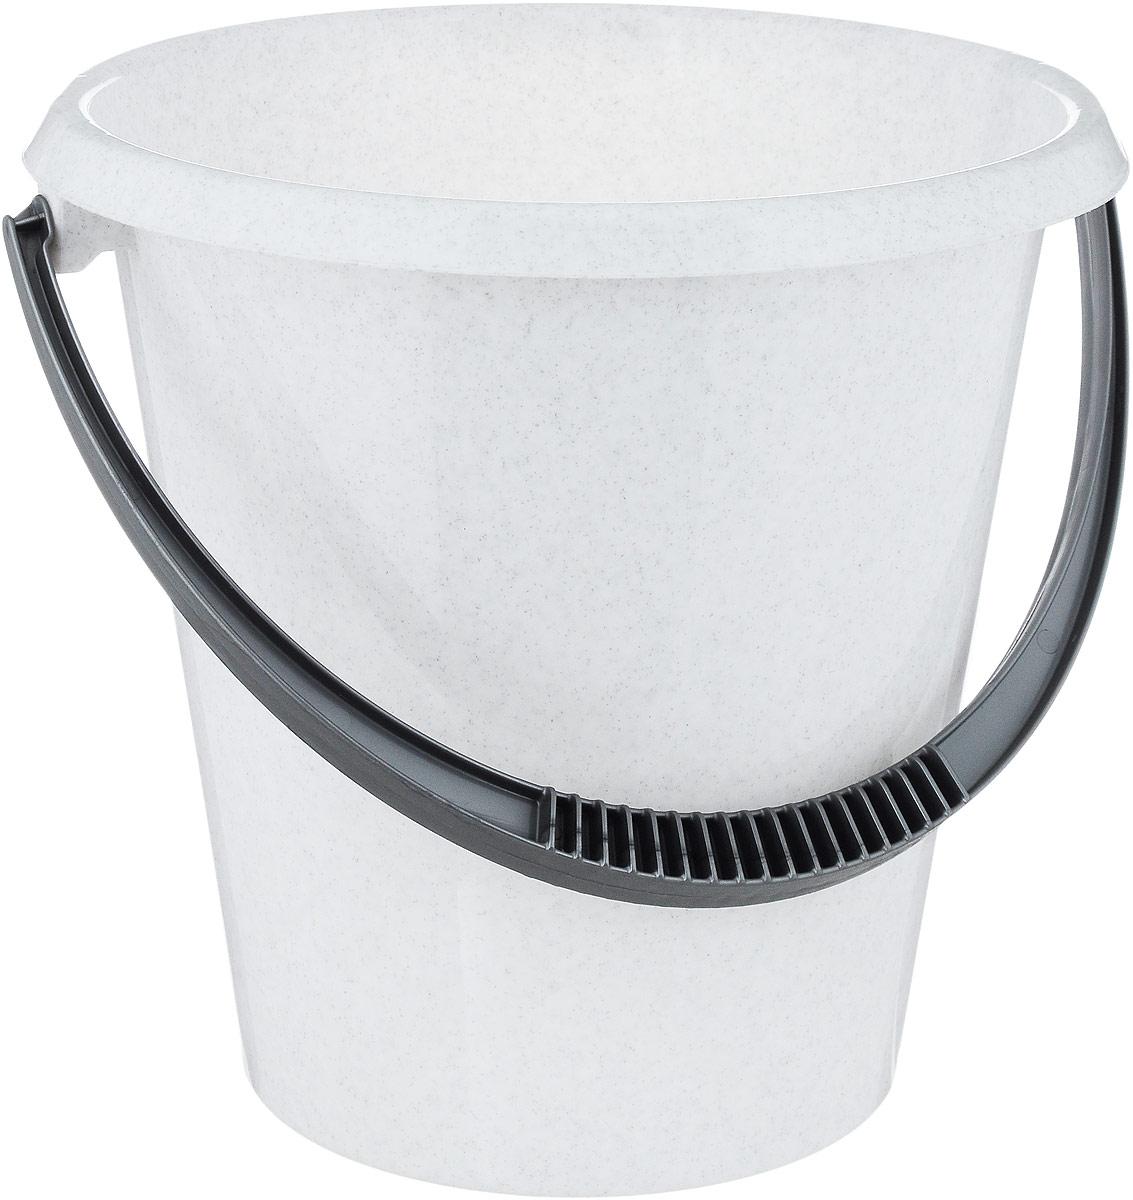 Ведро хозяйственное Idea, цвет: мраморный, 7 лЧС 1.2_голубойВедро Idea изготовлено из высококачественного прочного пластика. Оно легче железного и не подвержено коррозии. Ведро оснащено удобной пластиковой ручкой. Такое ведро станет незаменимым помощником в хозяйстве.Диаметр (по-верхнему краю): 25,5 см.Высота: 25,5 см.